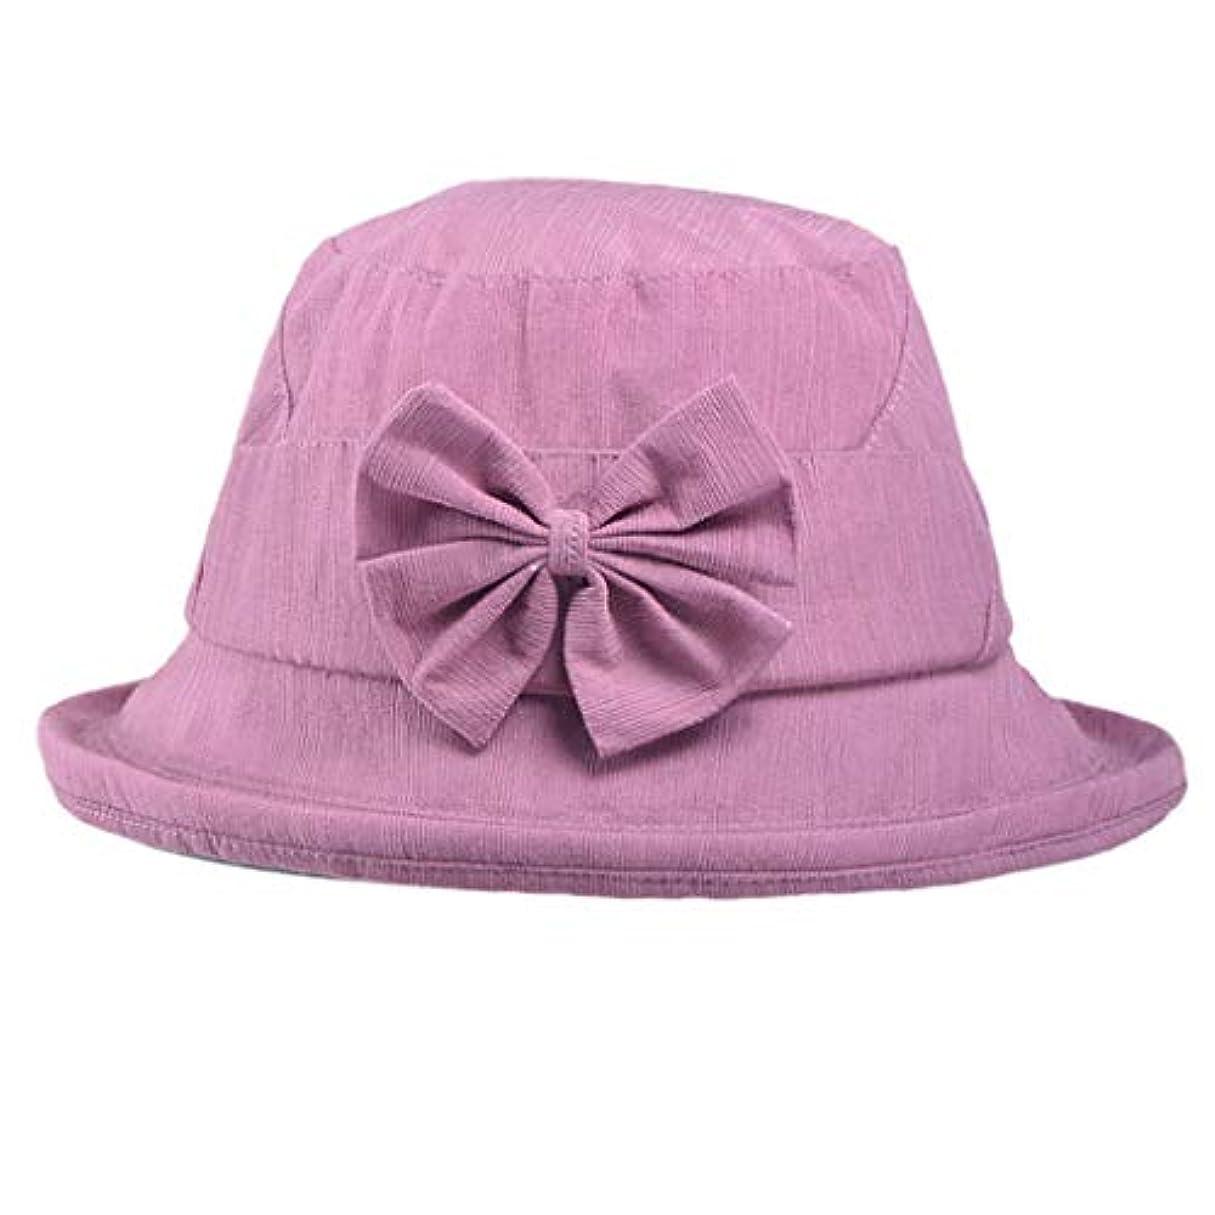 畝間火薬ヒールファッション小物 夏 帽子 レディース UVカット 帽子 アウトドア 夏 春 UVカット 帽子 蝶結び 漁師帽 日焼け防止 つば広 無地 ハット レディース 女性 紫外線対策 大きいサイズ 夏季 ビーチ ROSE ROMAN